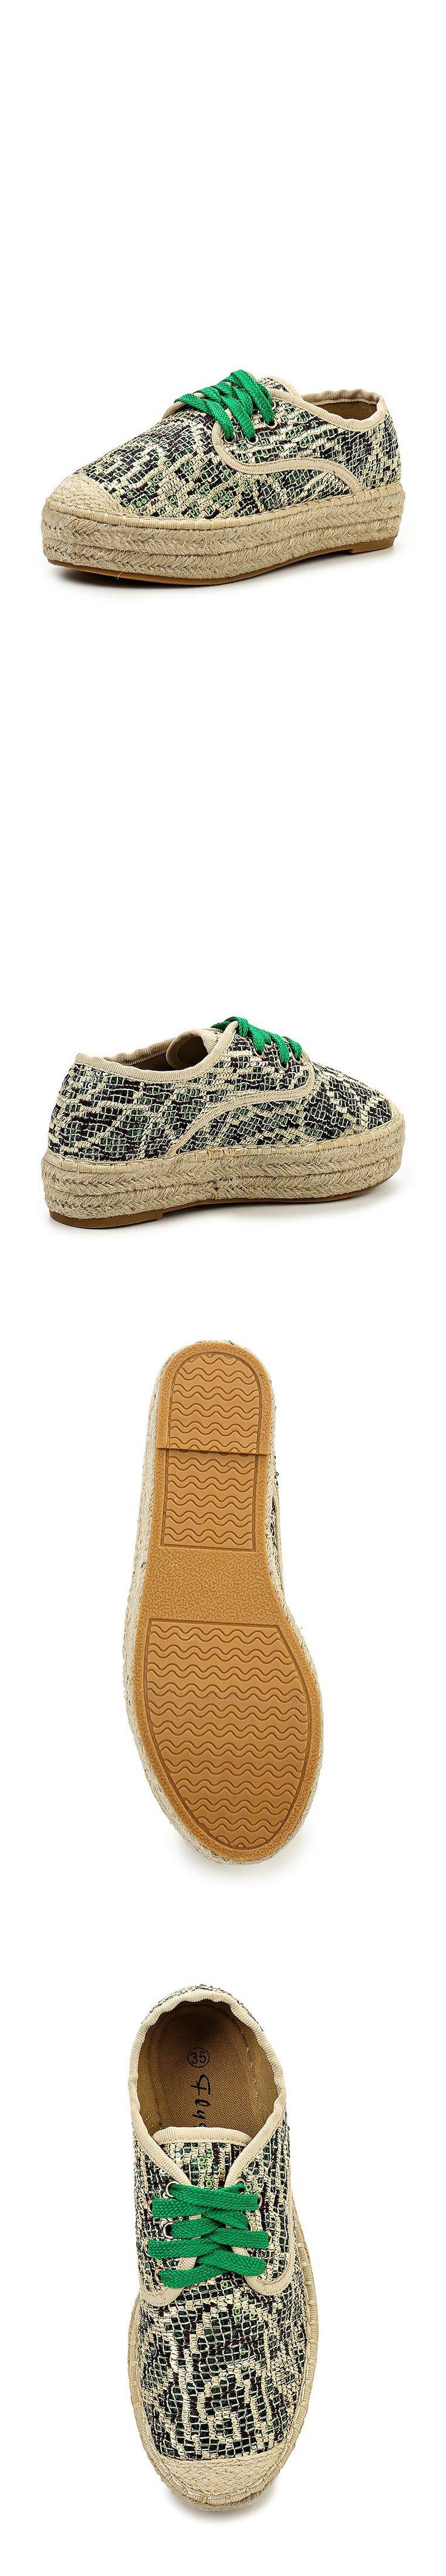 Женская обувь ботинки Flyfor за 1740.00 руб.